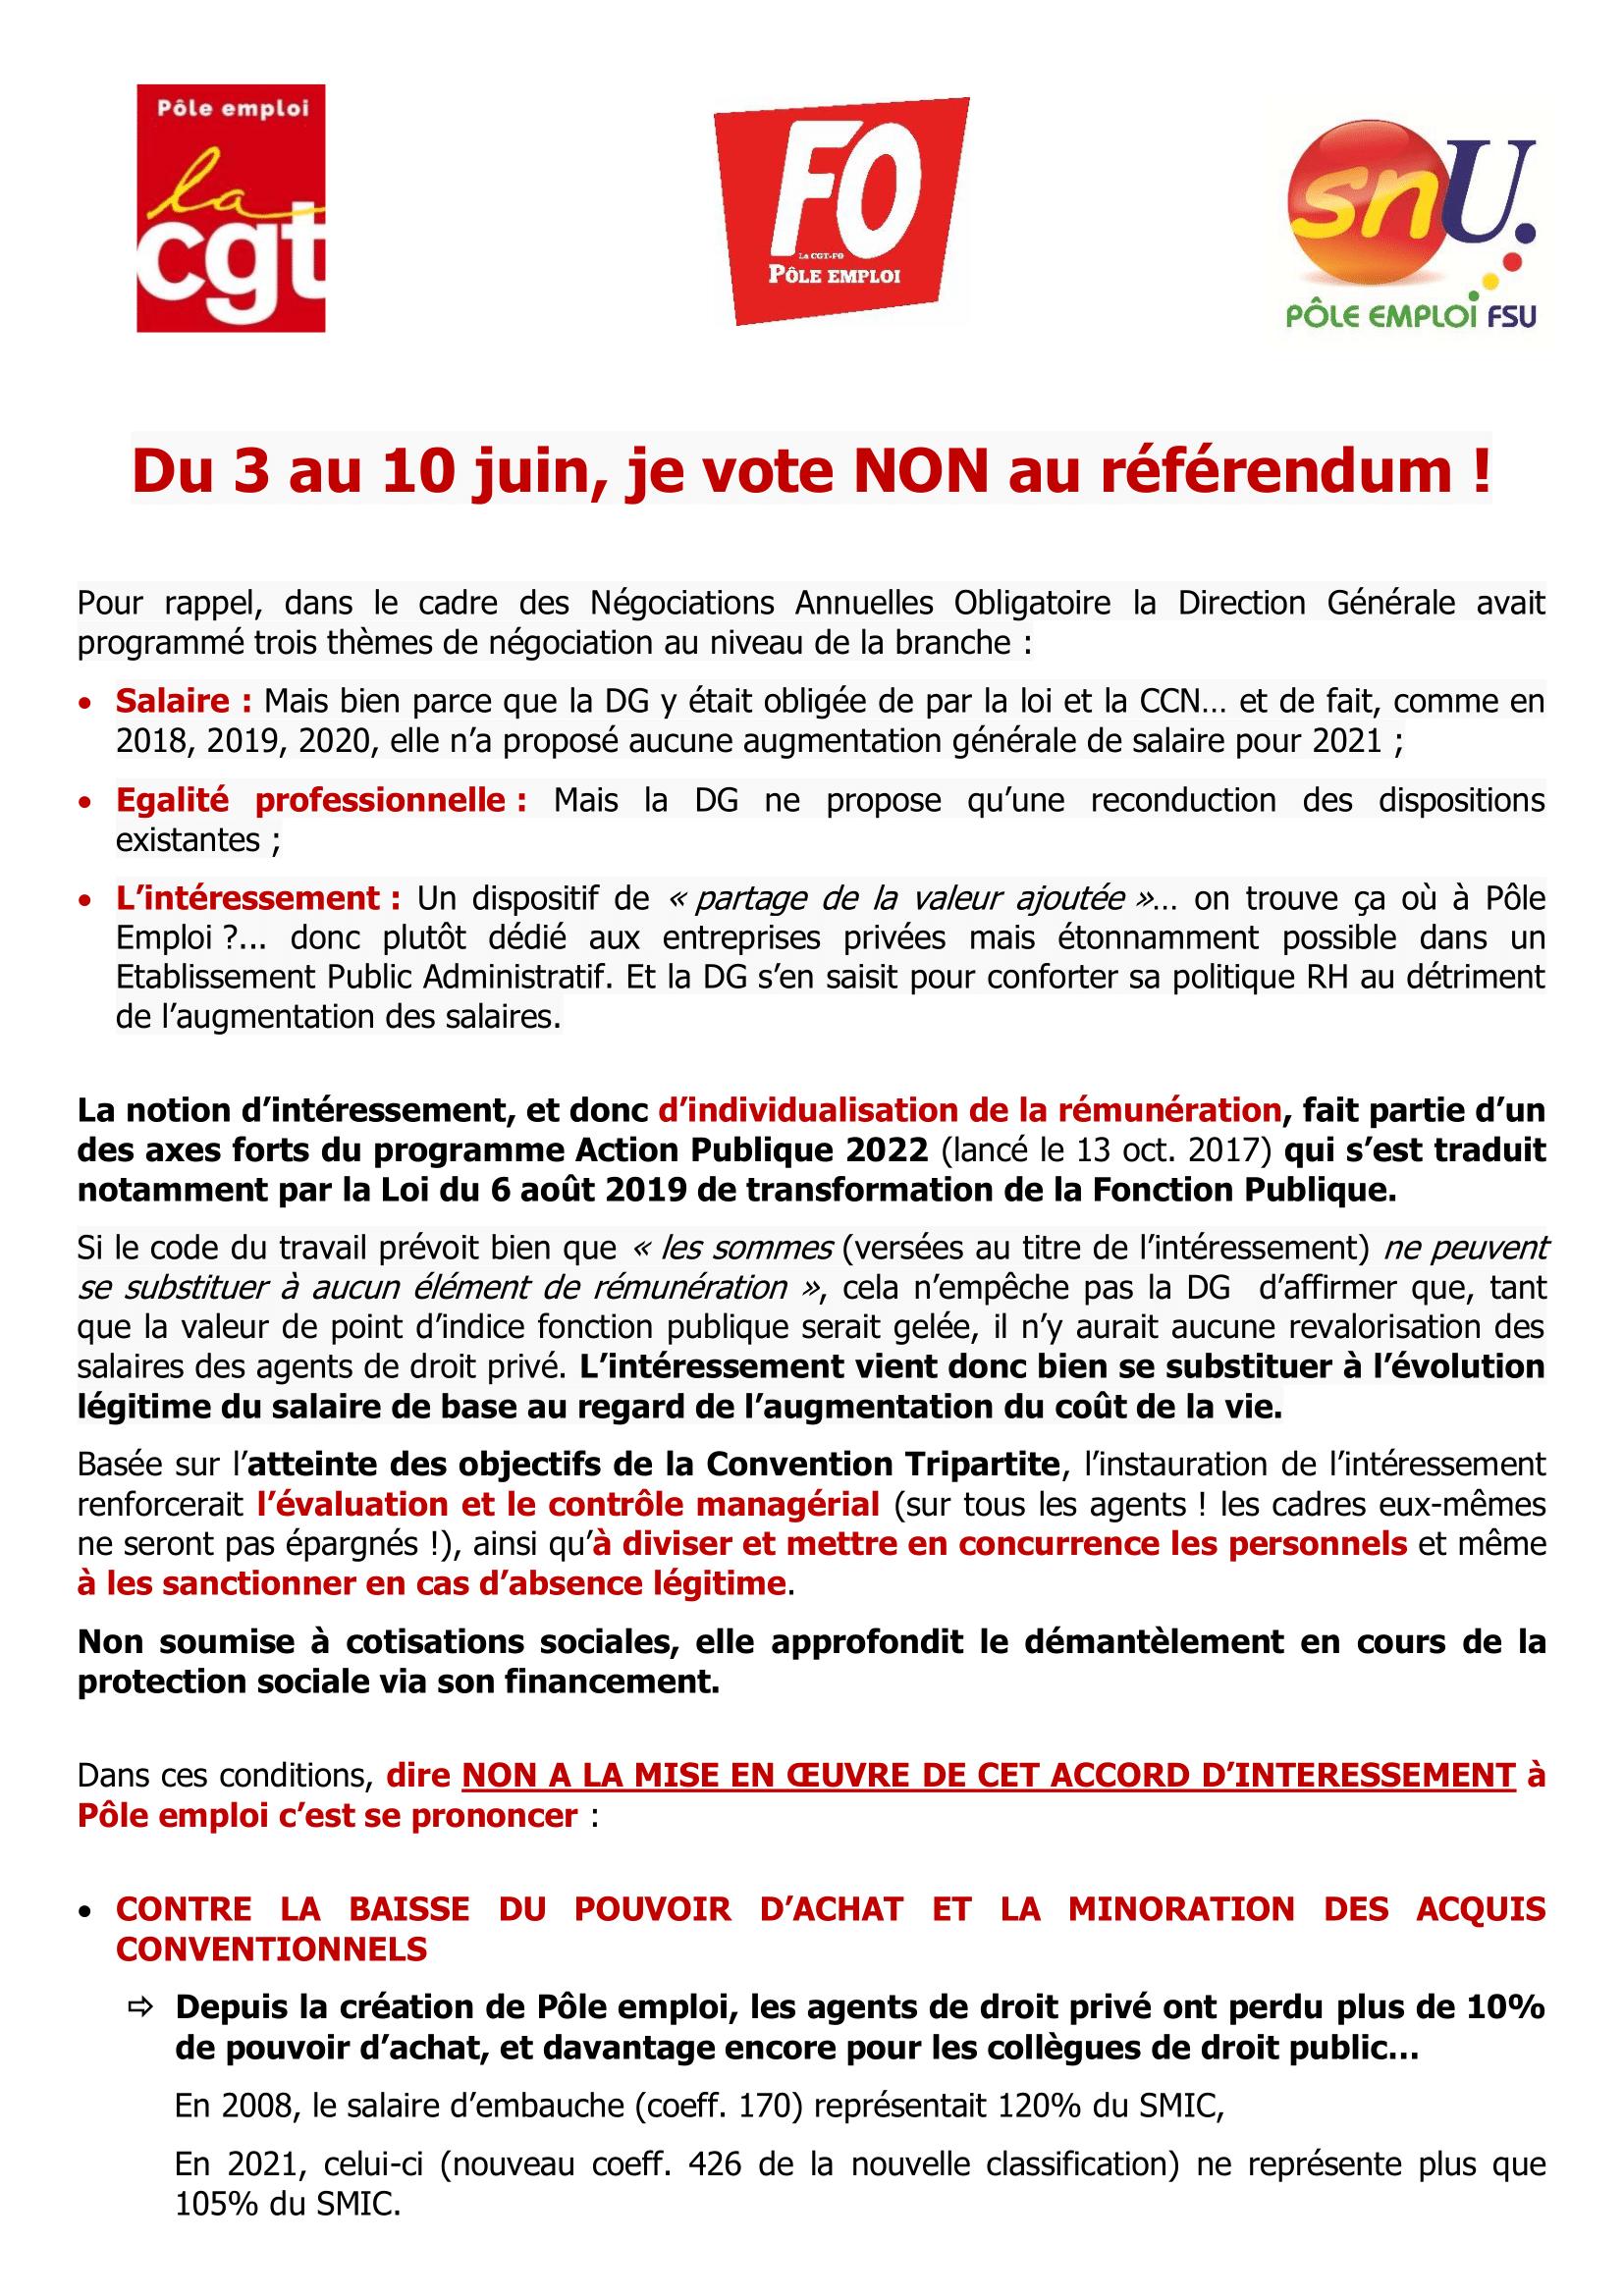 Du 3 au 10 juin je vote non !  Pour exiger l'augmentation générale de nos salaires, pour l'aboutissement de nos légitimes revendications : votons massivement non !